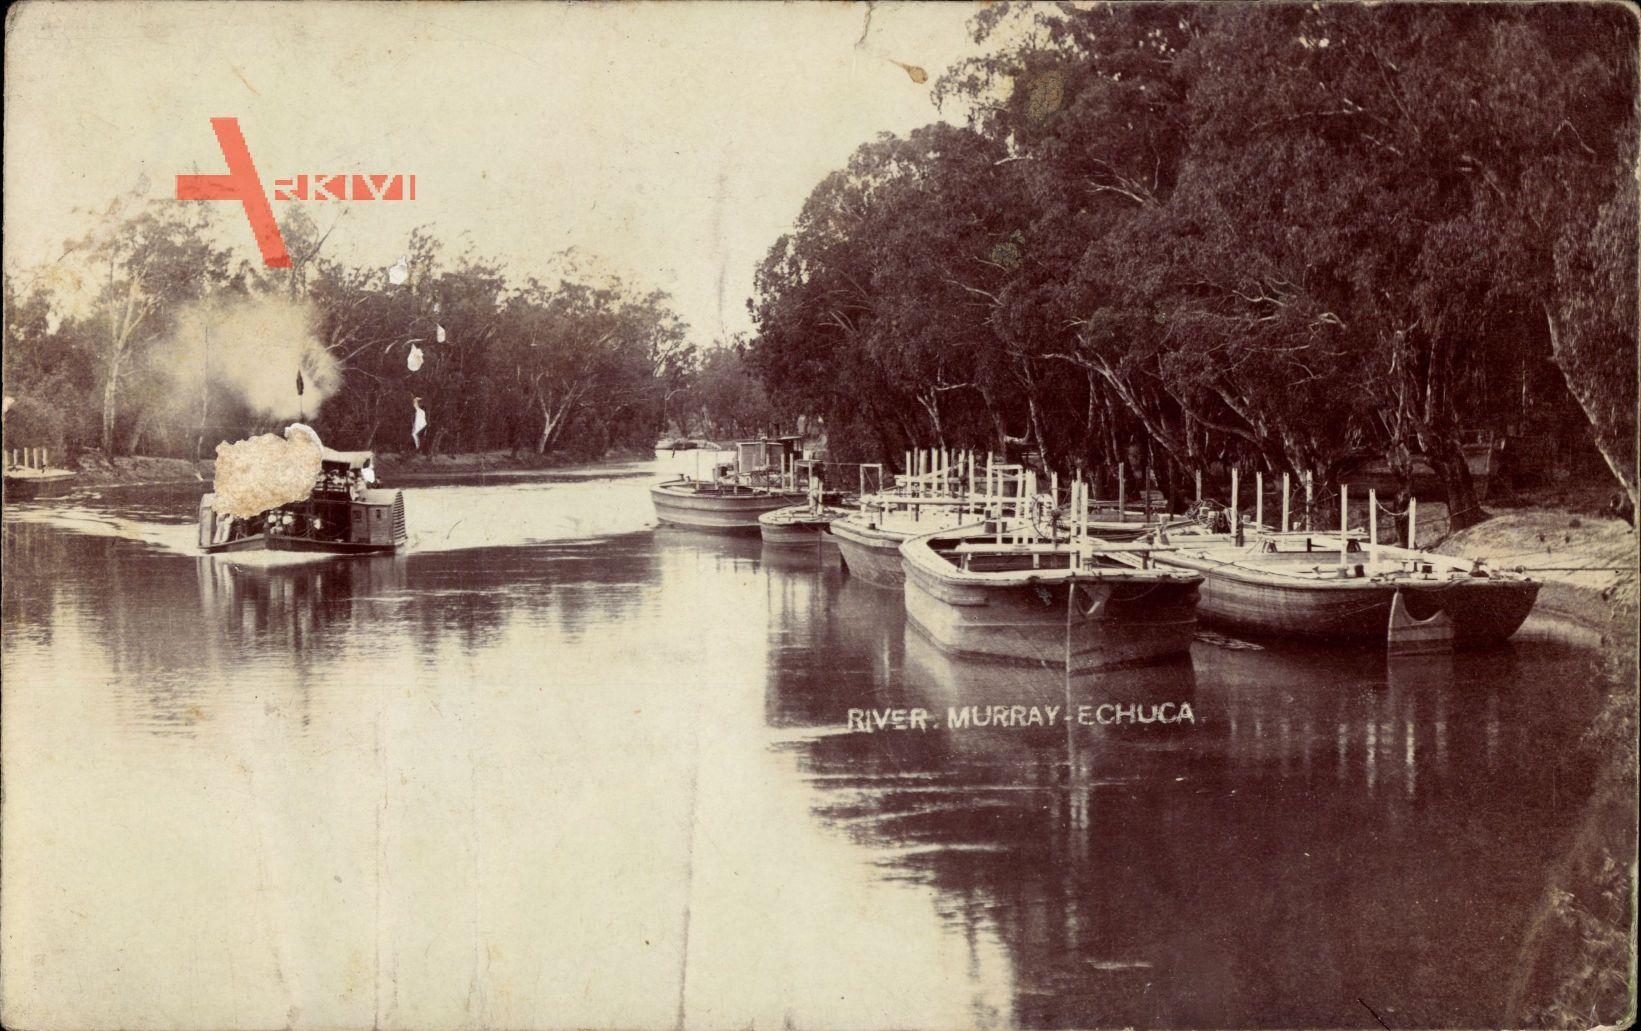 Echuca Australien, River Murray, Boote im Fluss